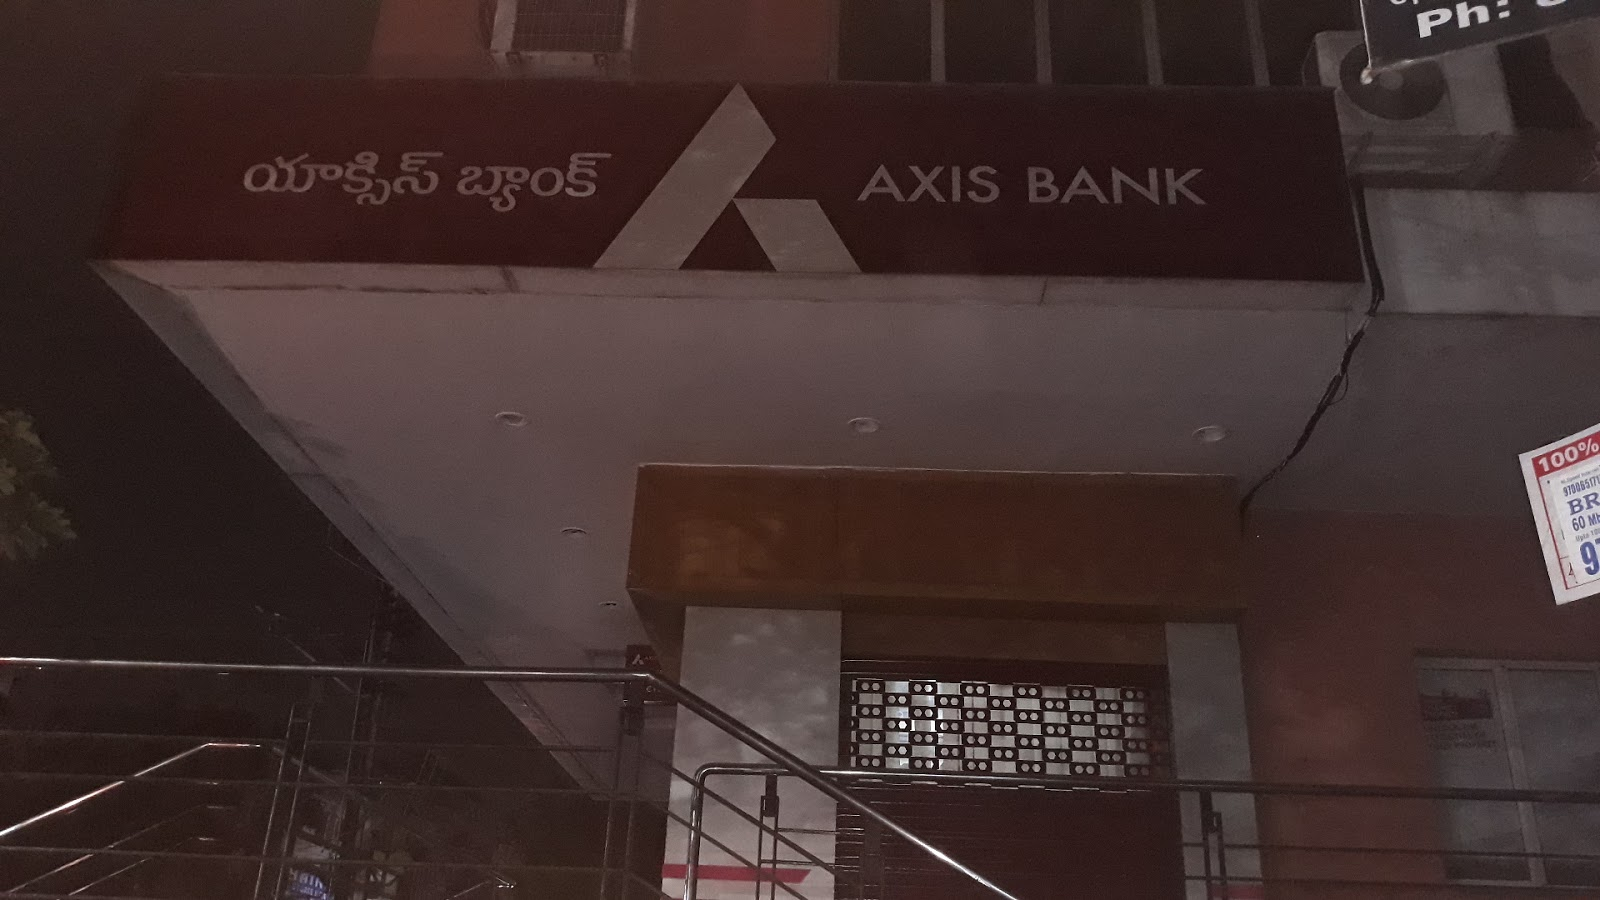 blood bank Axis Bank near Hyderabad Telangana